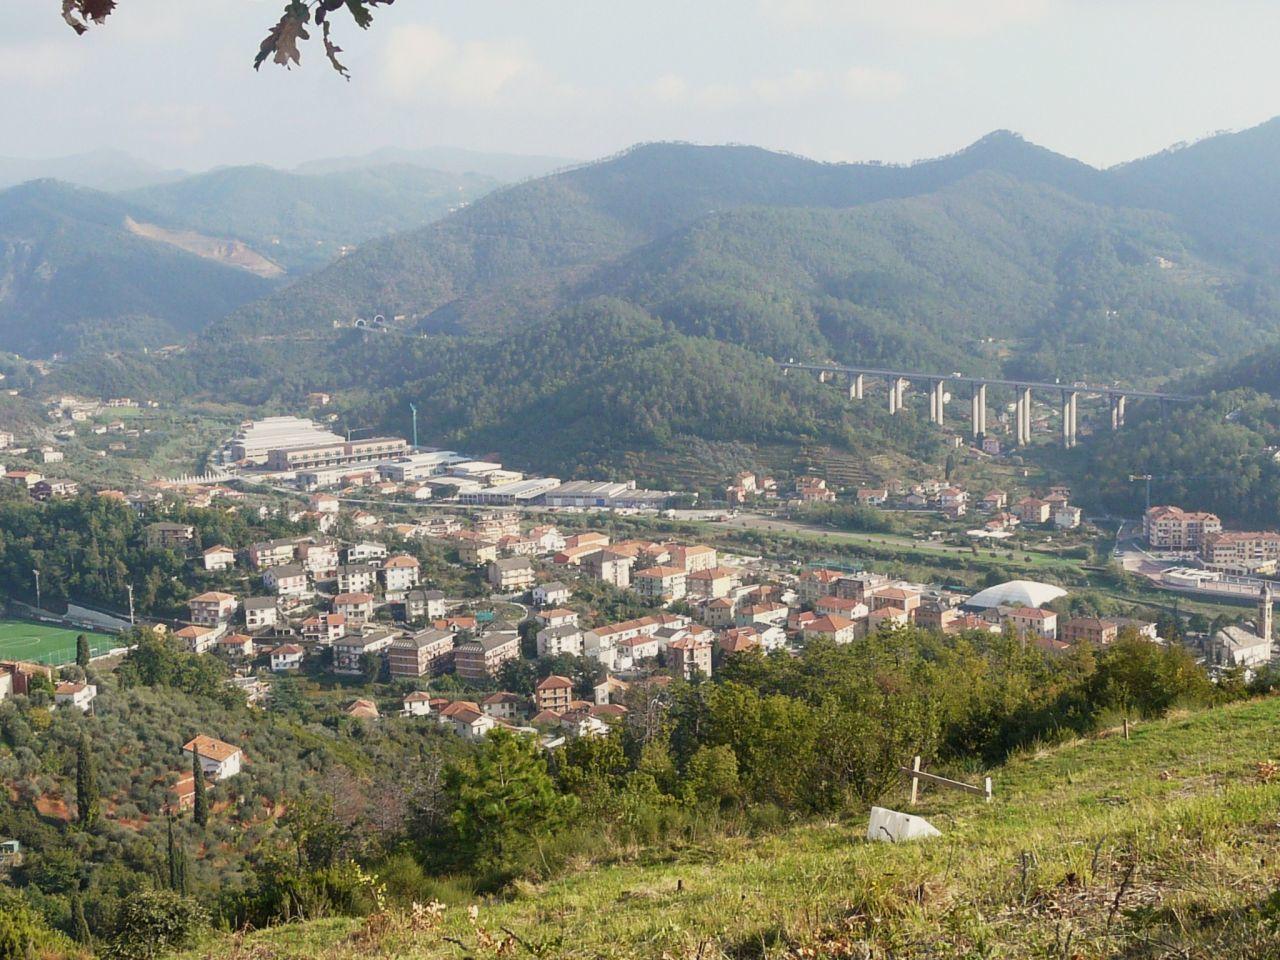 Appartamento in vendita a Casarza Ligure, 2 locali, prezzo € 125.000 | Cambiocasa.it